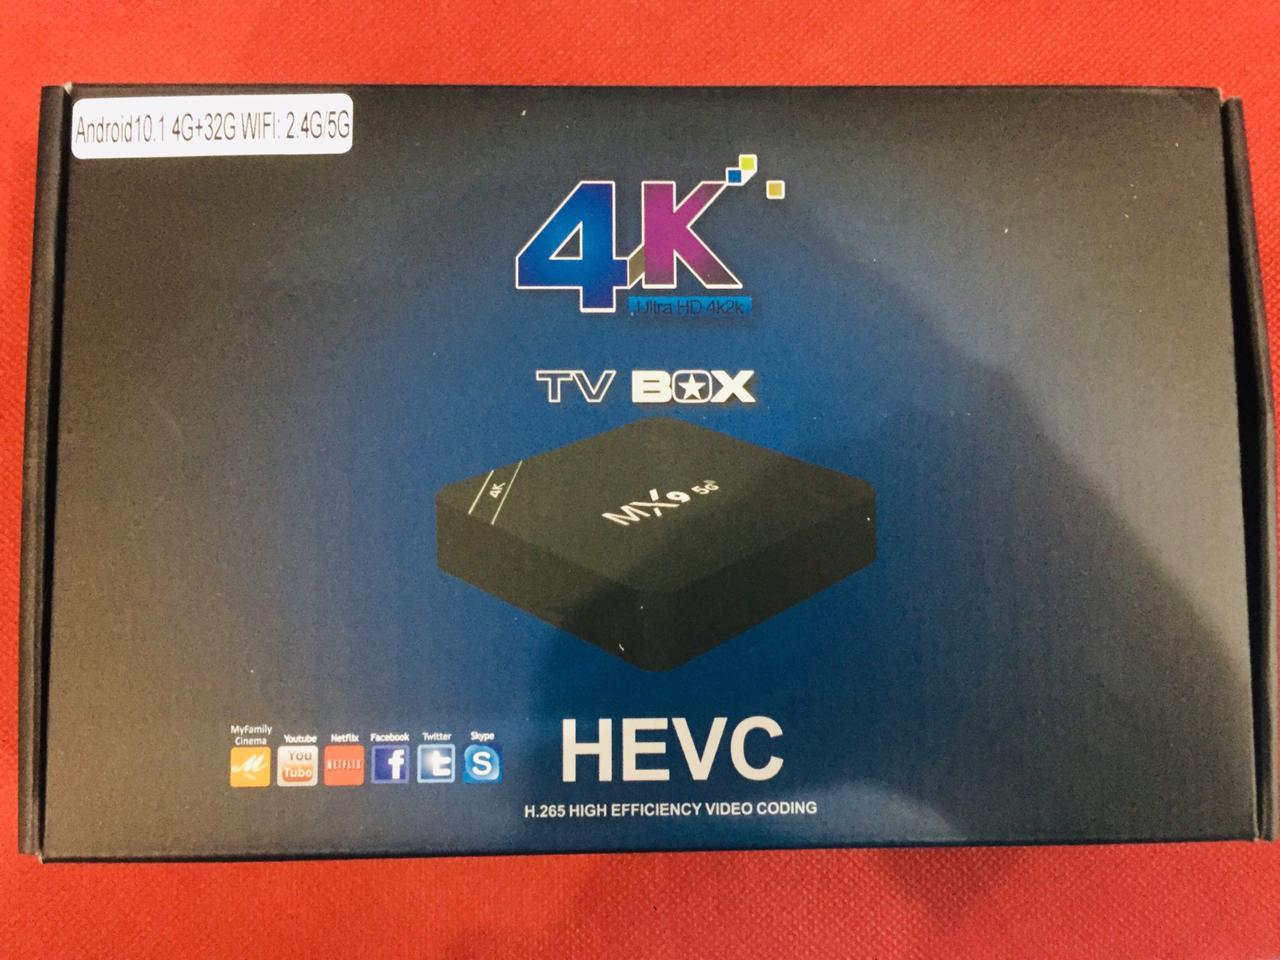 TV BOX 4k ultraHD MX9 HEVC - Android 10.1